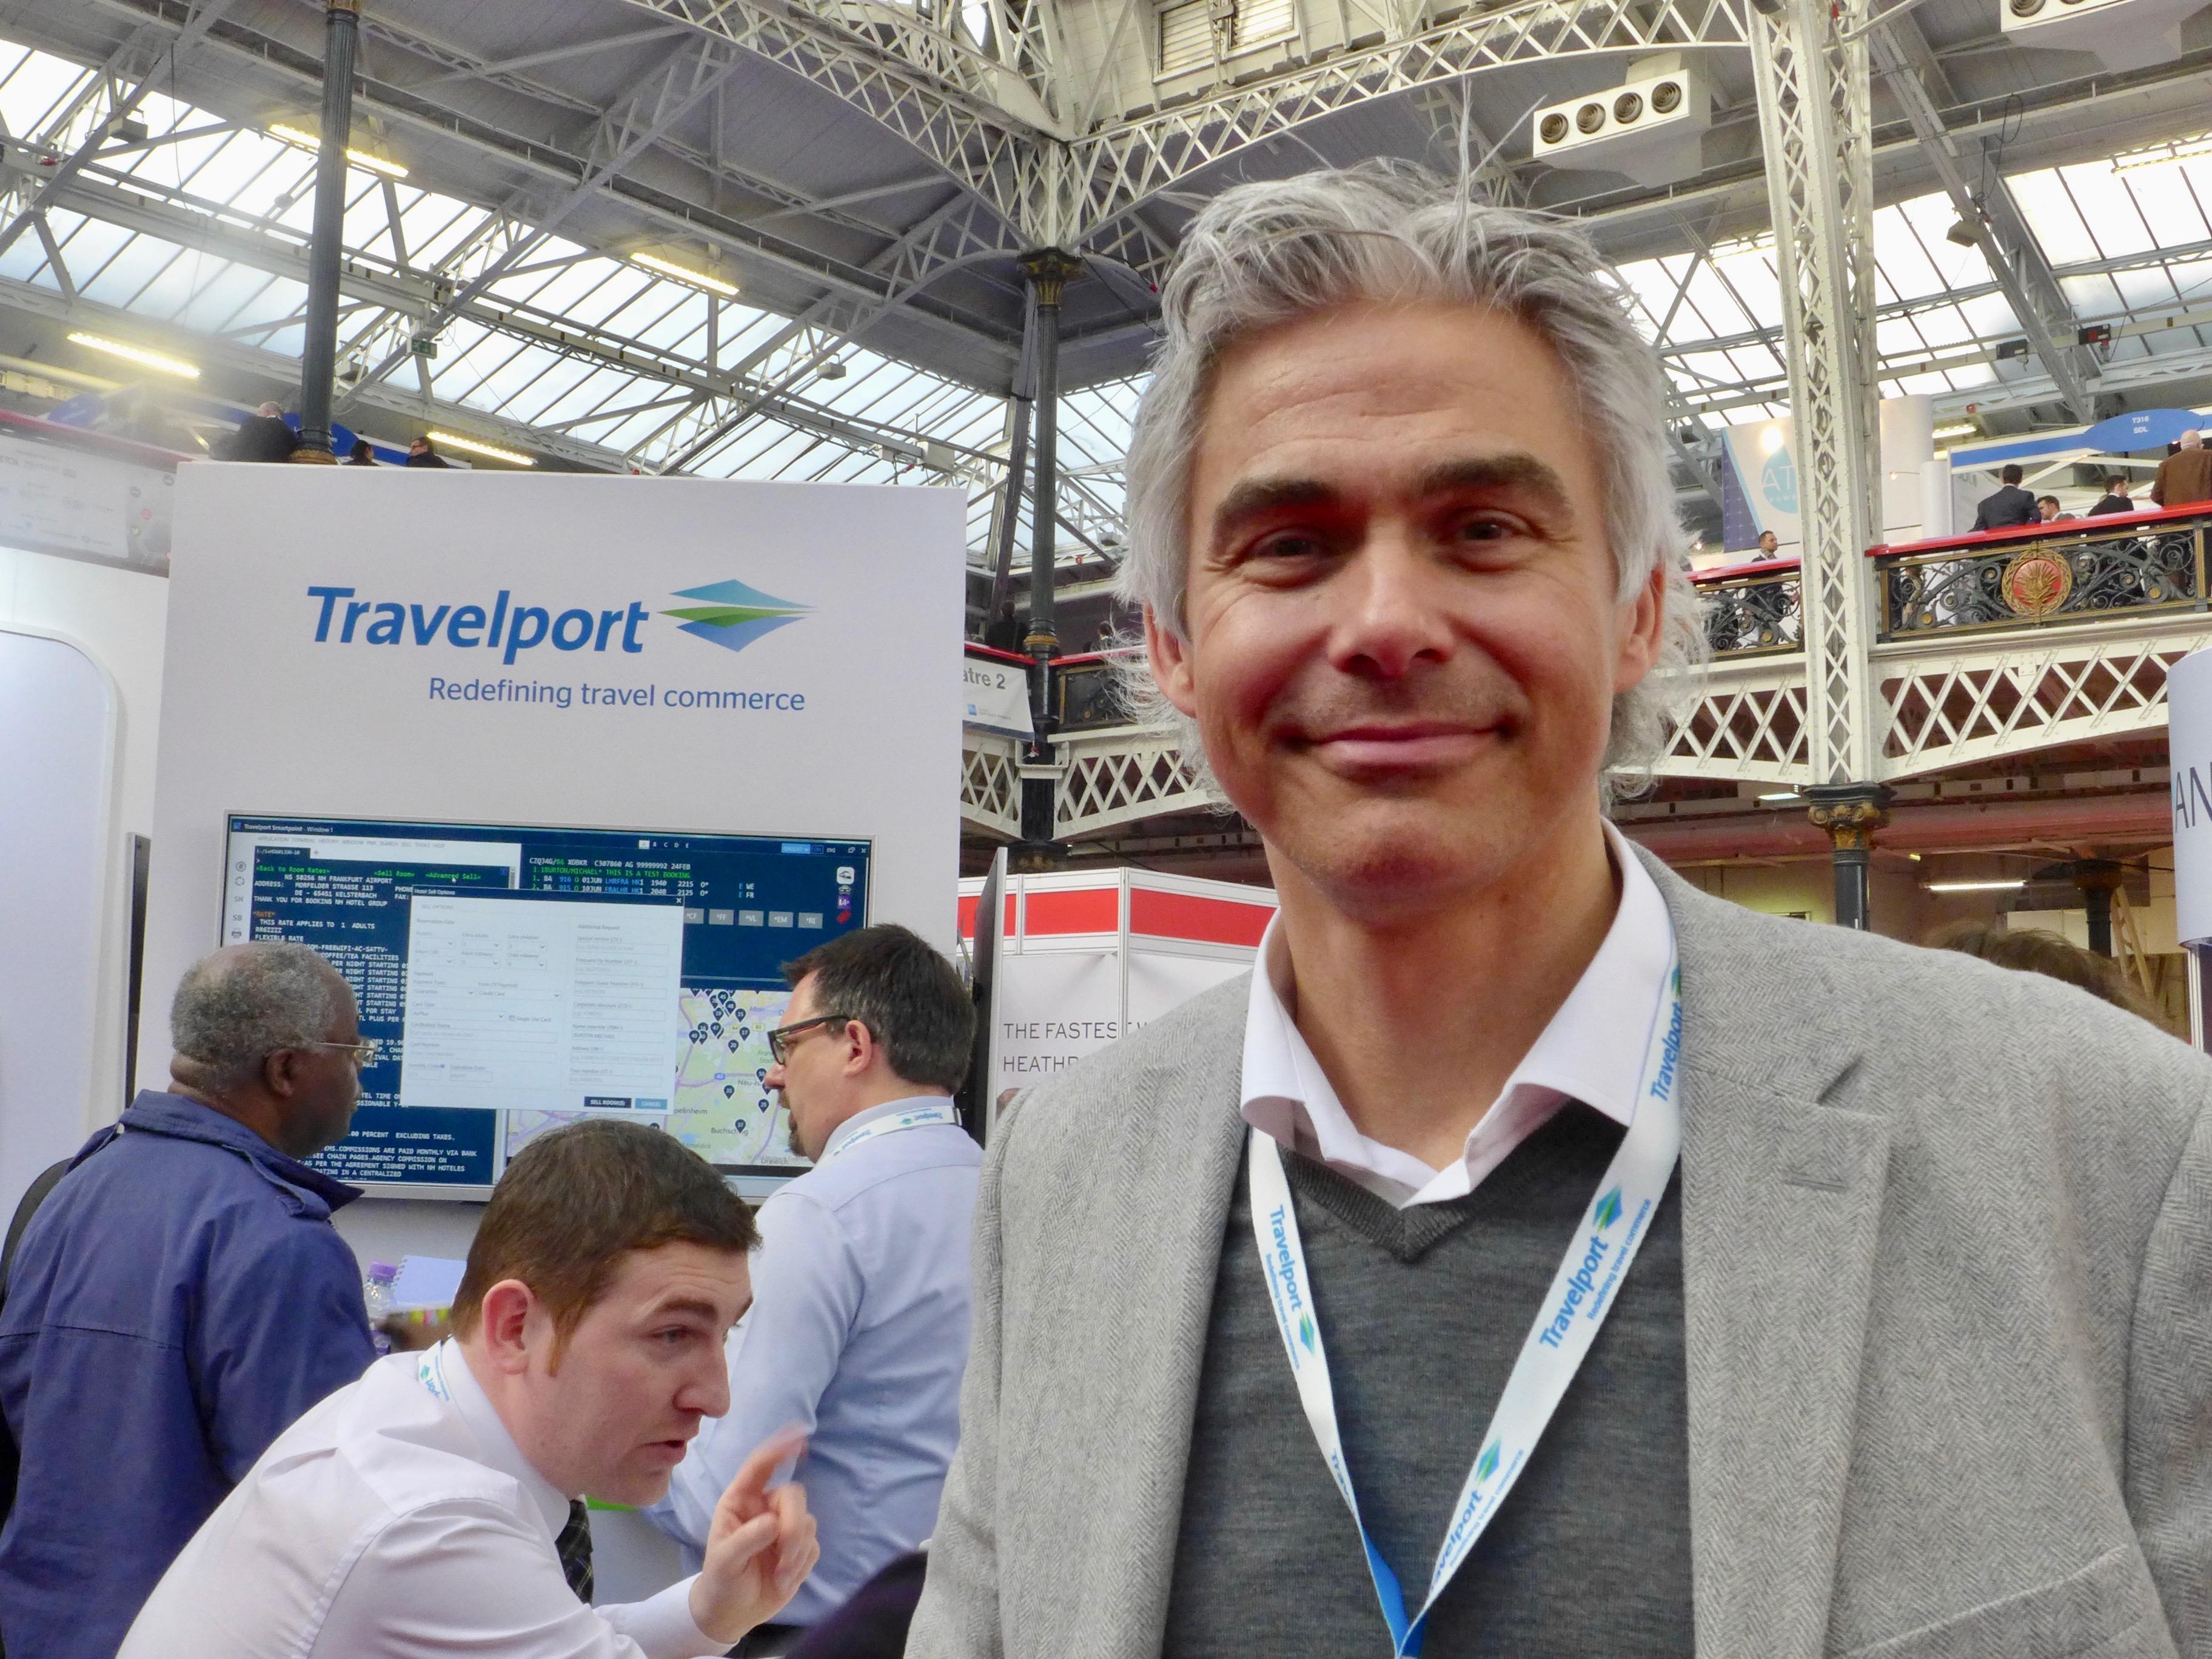 Peter Cramon, nordisk direktør for Travelport, der bl.a. omfatter reservationssystemerne Galileo og Worldspan.